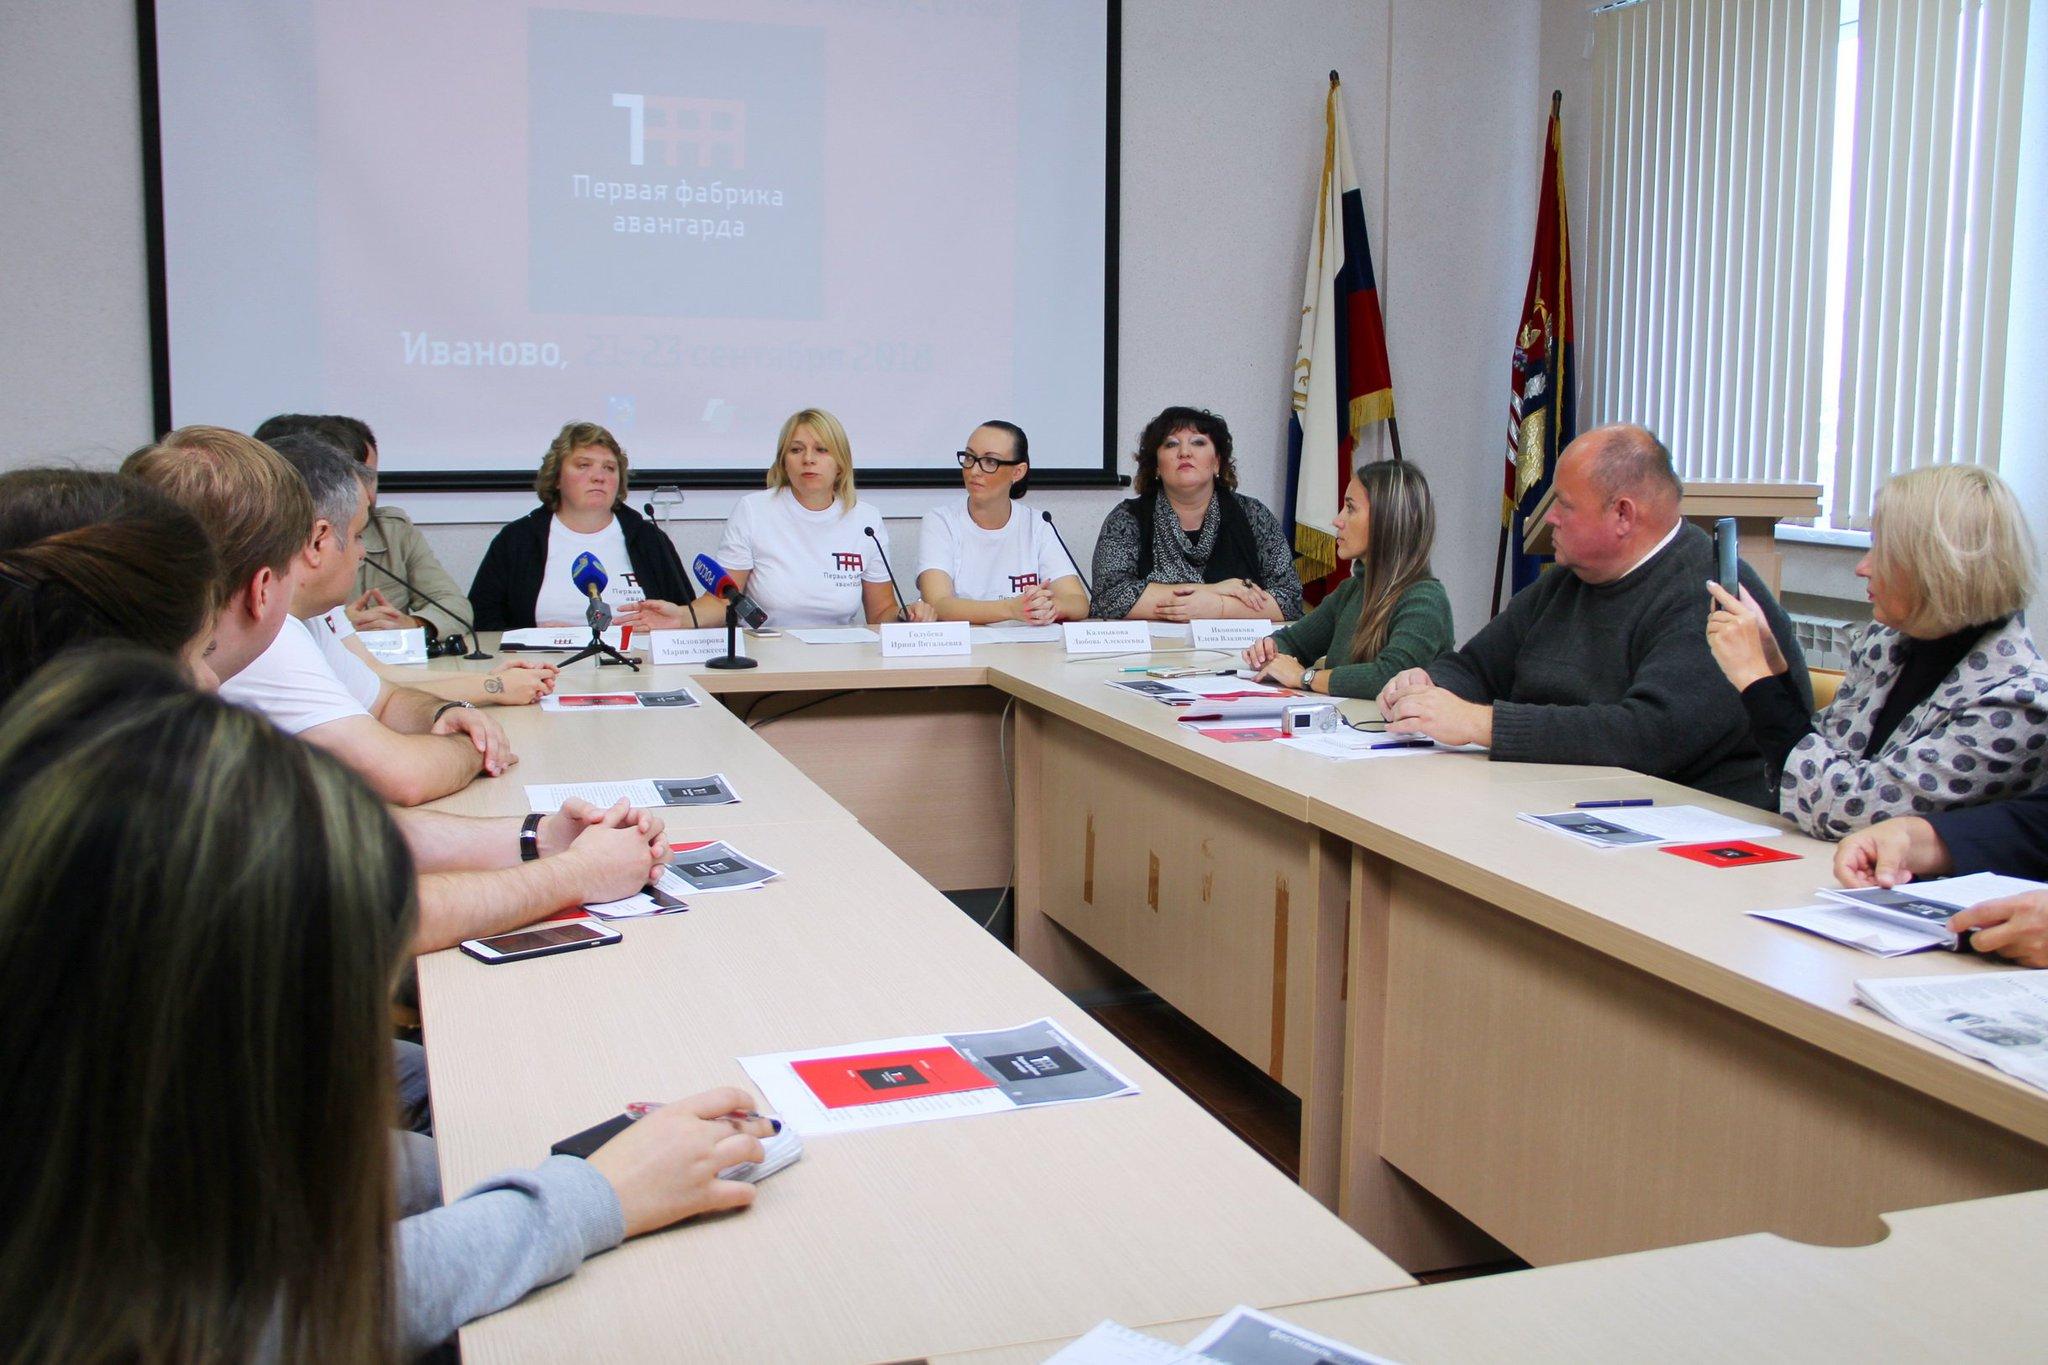 В Иванове пройдет фестиваль «Первая фабрика авангарда»